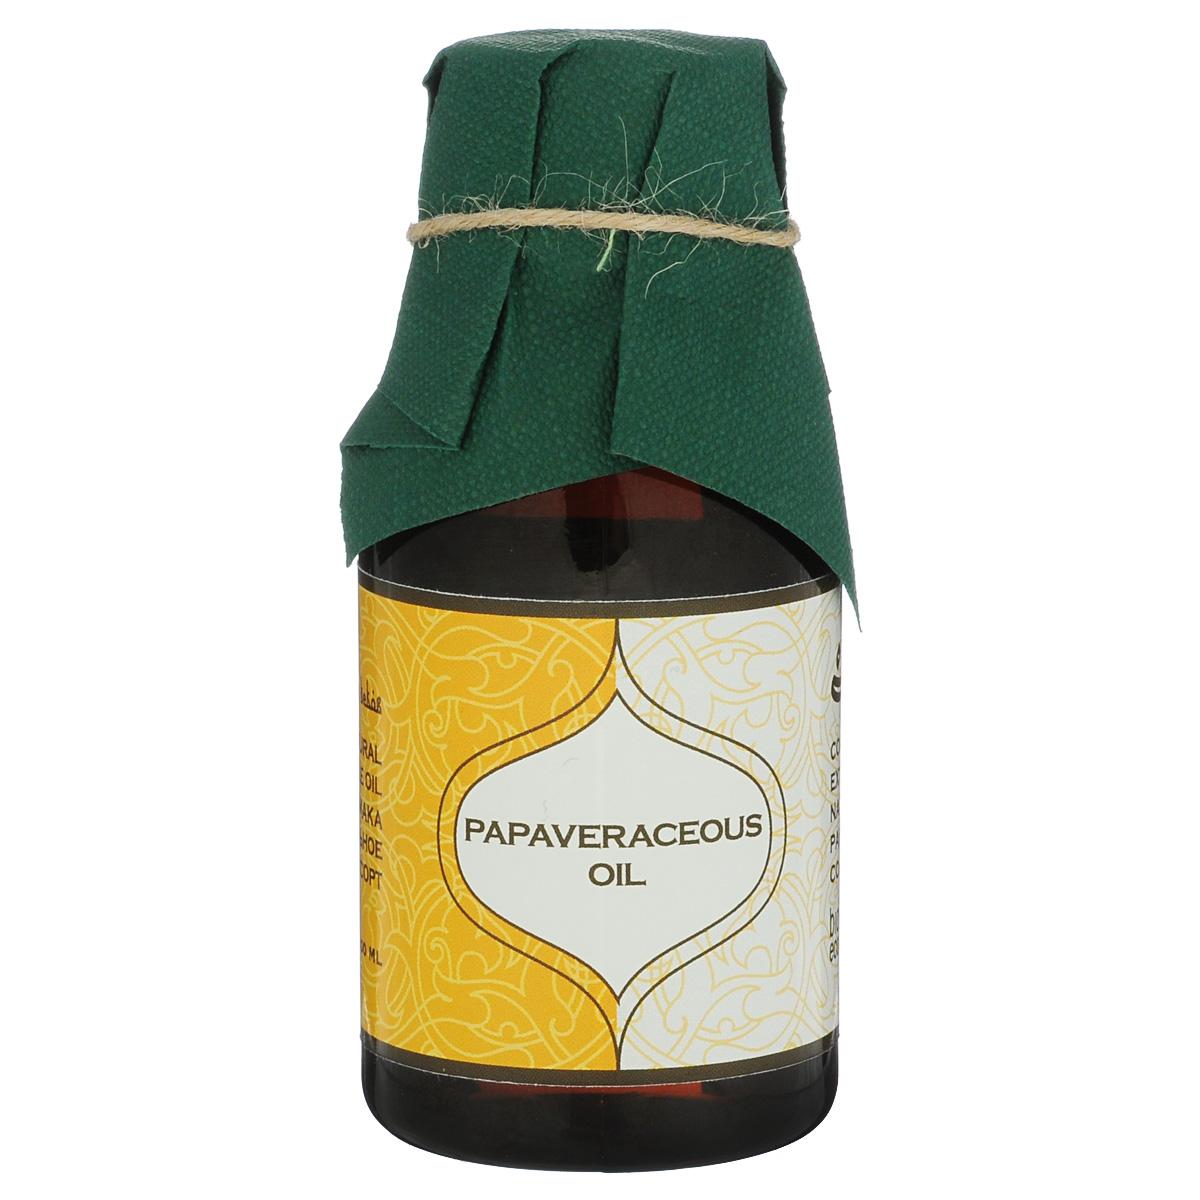 Зейтун Масло Маковое семя, 100 млFS-36054Маковое масло Зейтун — 100% натуральное. Смело можно назвать его «универсальным маслом». Маковое масло хорошо впитывается и равномерно распределяется, создает защитный барьер. Подходит для кожи вокруг глаз, чувствительной и детской кожи. Рекомендуется для утомленного кожного покрова, т.к. стимулирует и восстанавливает тонус. Вследствие применения макового масла кожа становится мягкой, насыщенной влагой и регенерируется намного быстрее. На волосы также оказывает положительное действие — приглаживает чешуйки, склеивает рассеченные кончики, увлажняет. Используя маковое масло для ухода за волосами, вы получите блестящие и легко расчесывающиеся волосы.